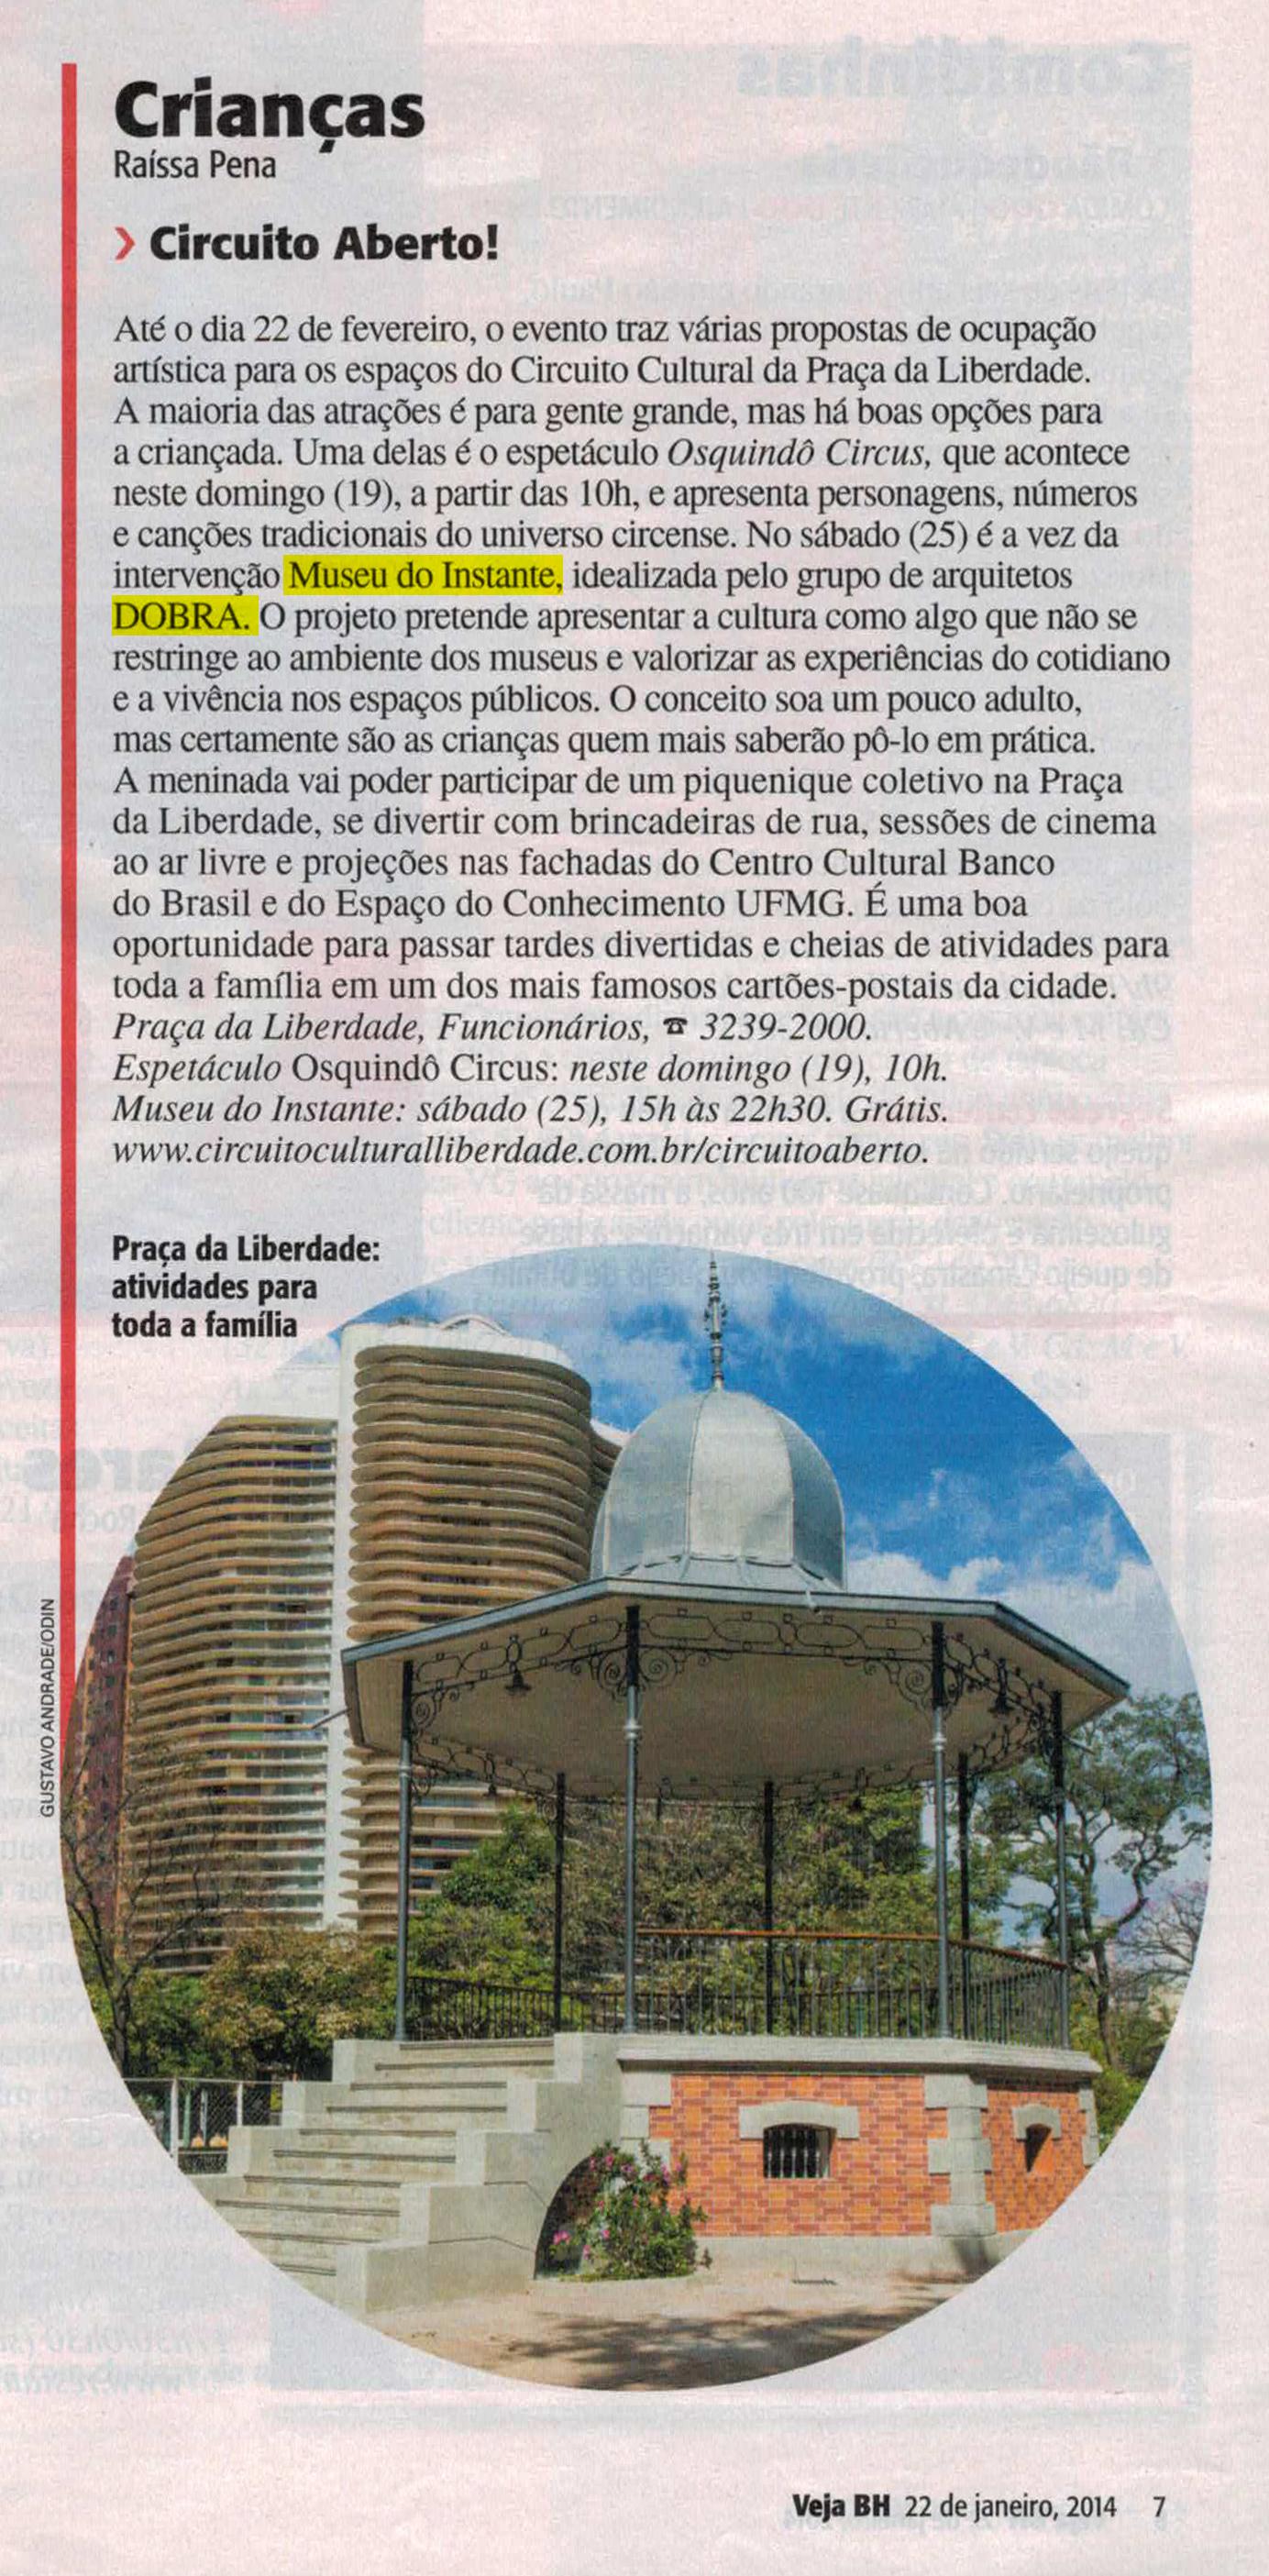 Revista Veja BH, Belo Horizonte, 22 de janeiro de 2014